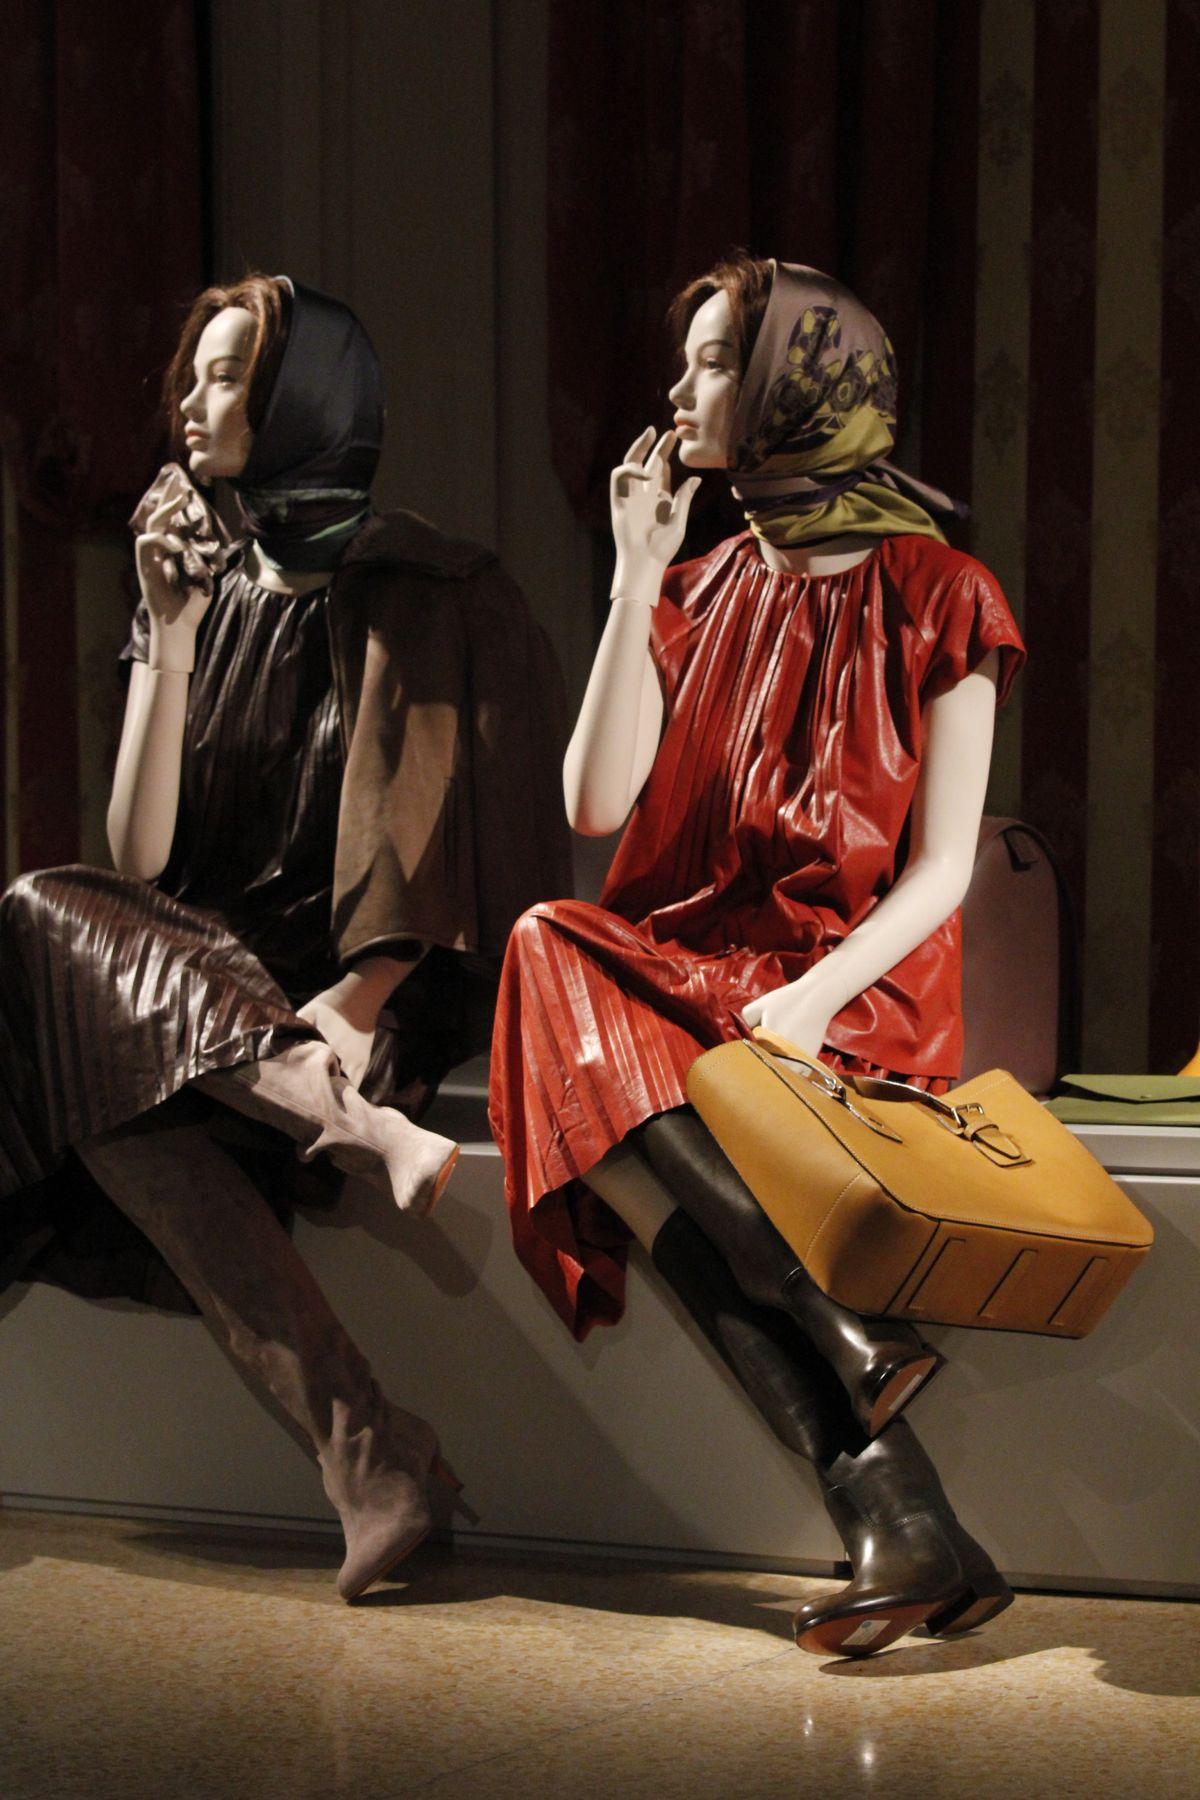 Bruno Magli Collection